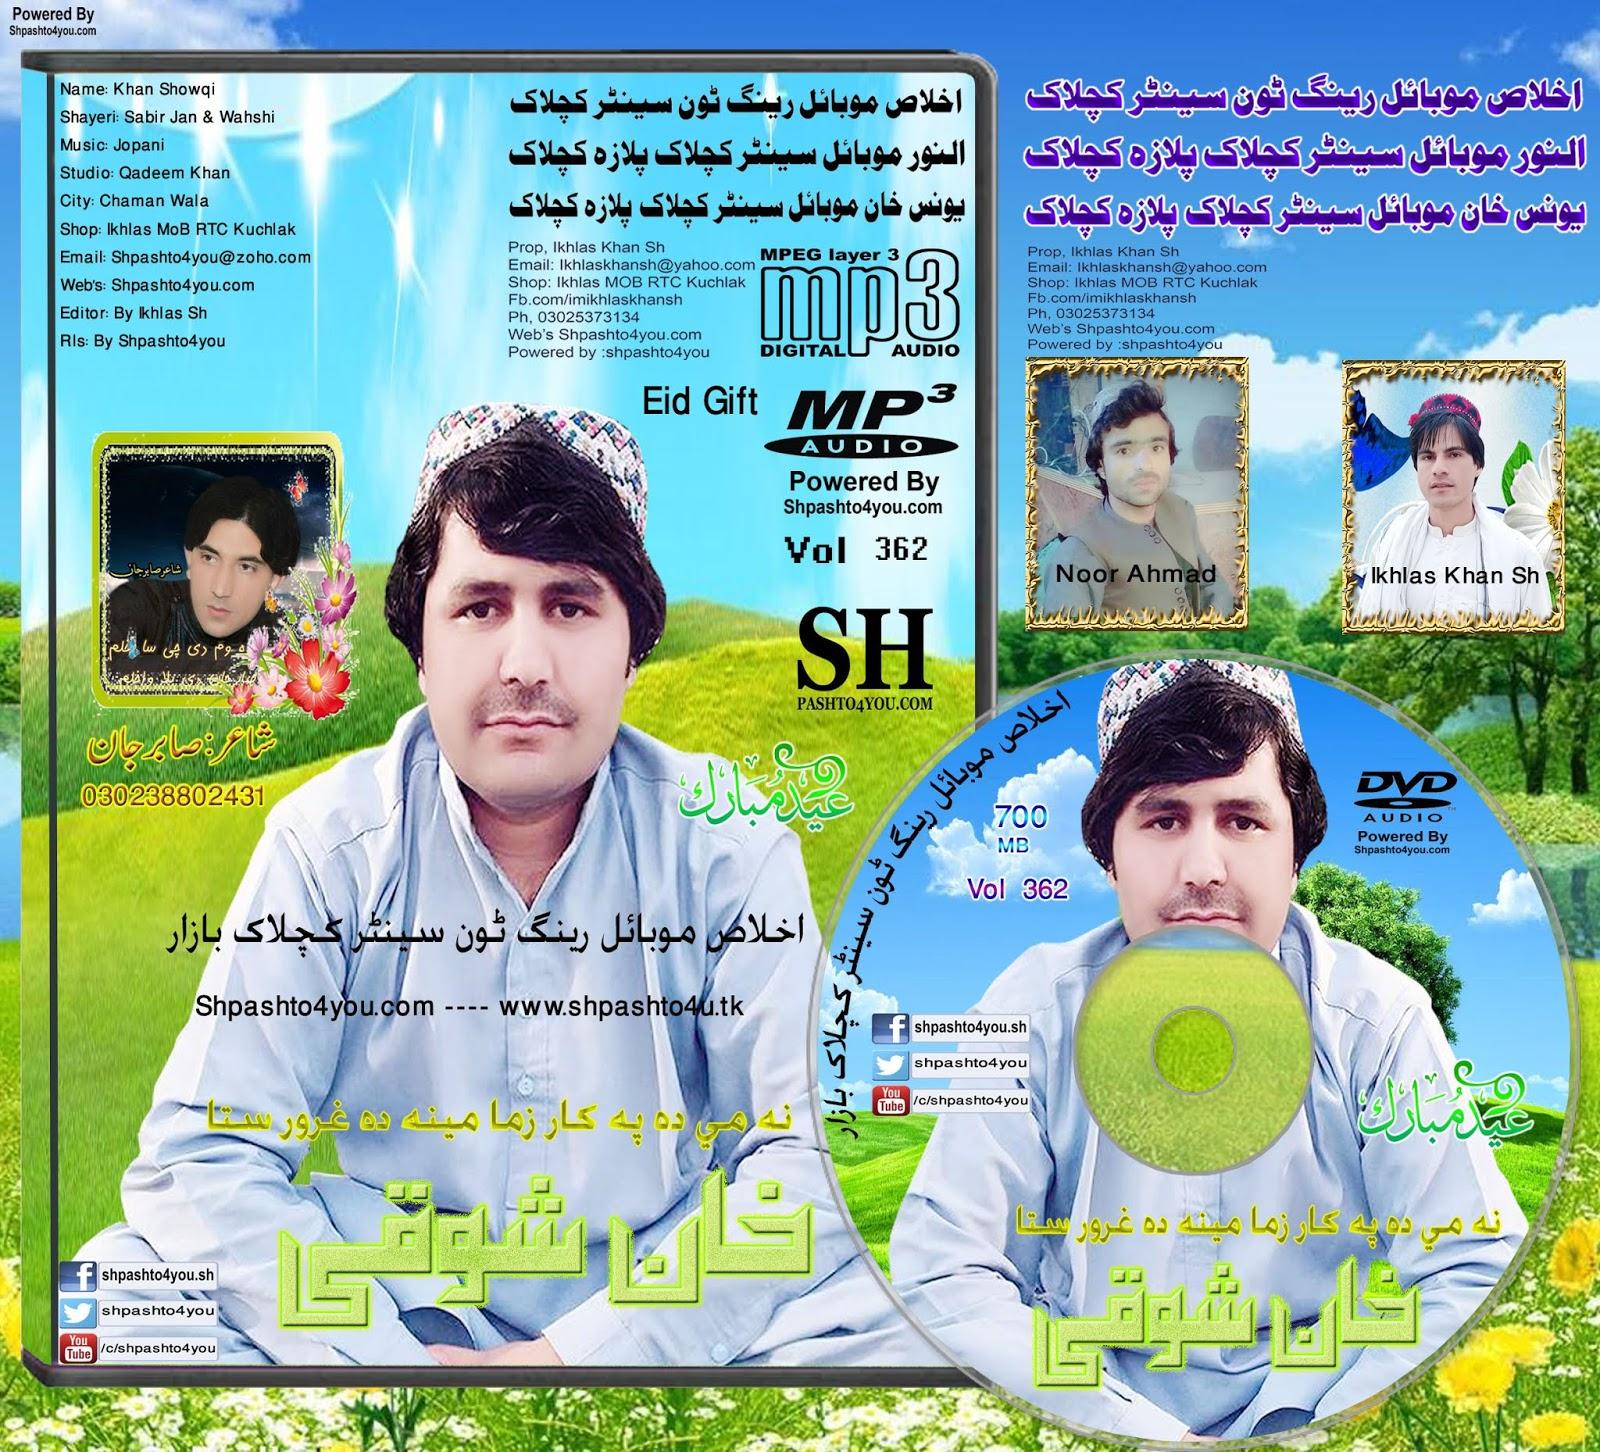 Khan Showqi Pashto New Jopani Mp3 2018 Eid Gift